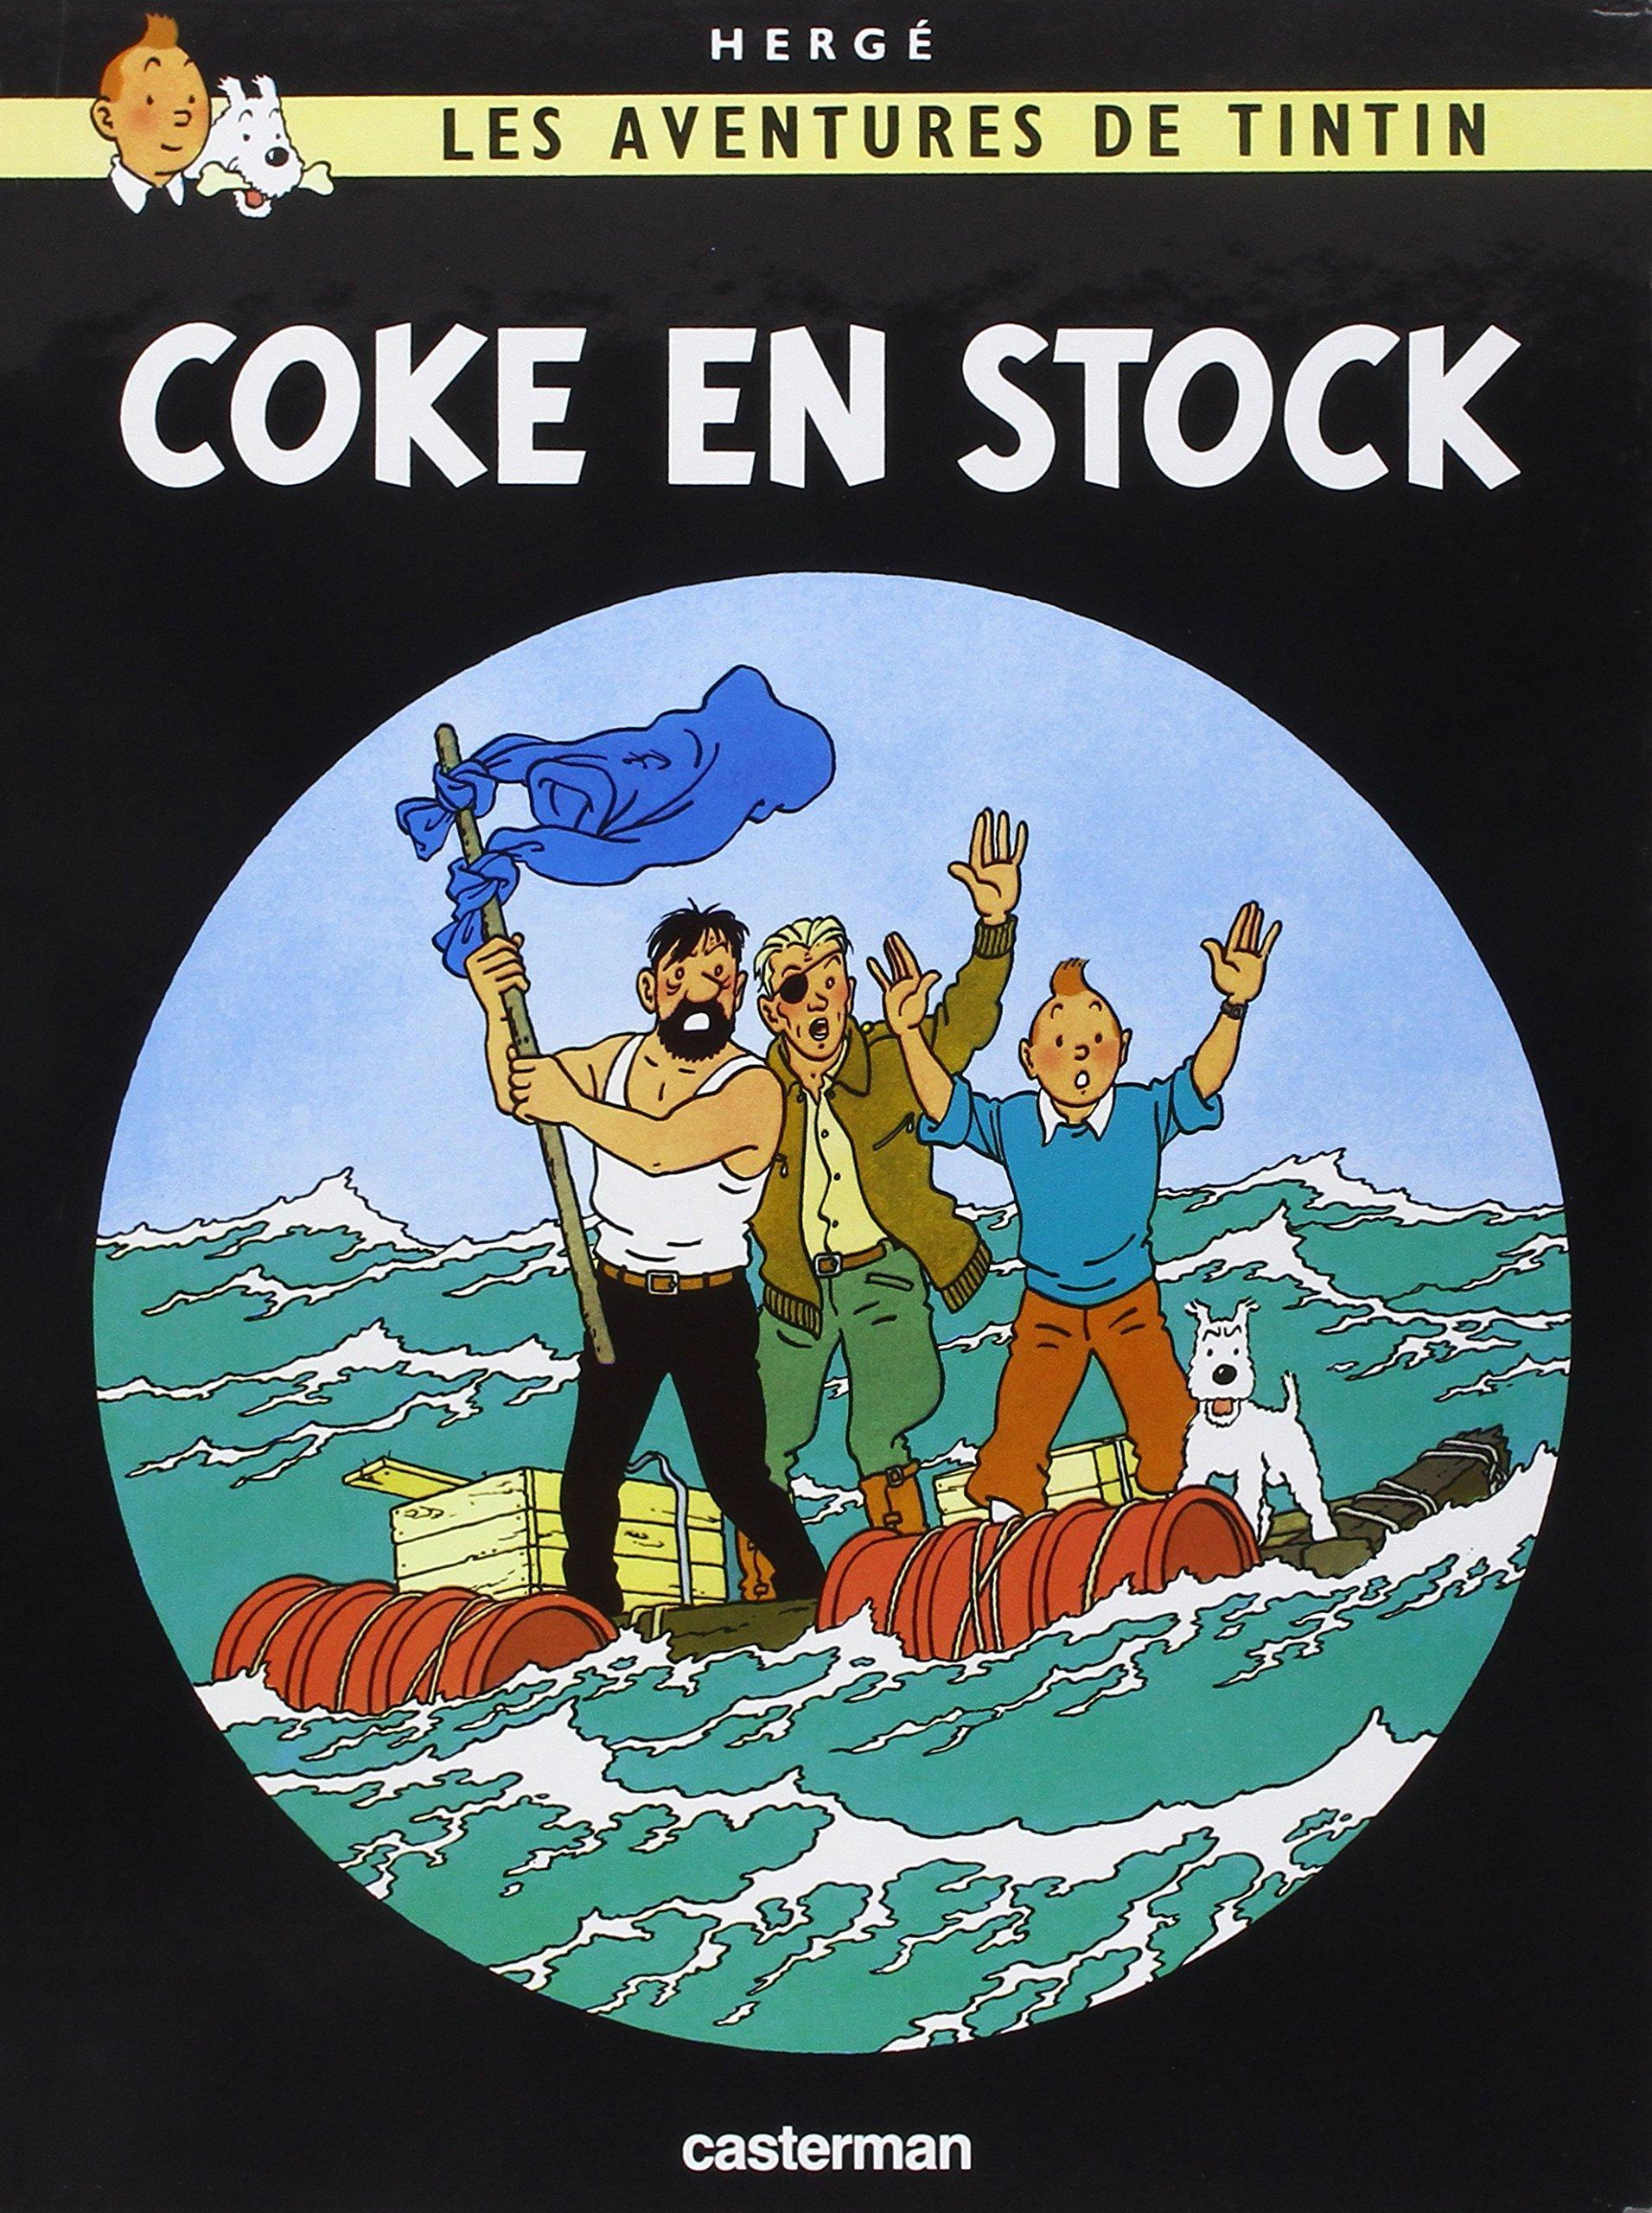 Les Aventures de Tintin 19: Coke en stock (Französische Originalausgabe)